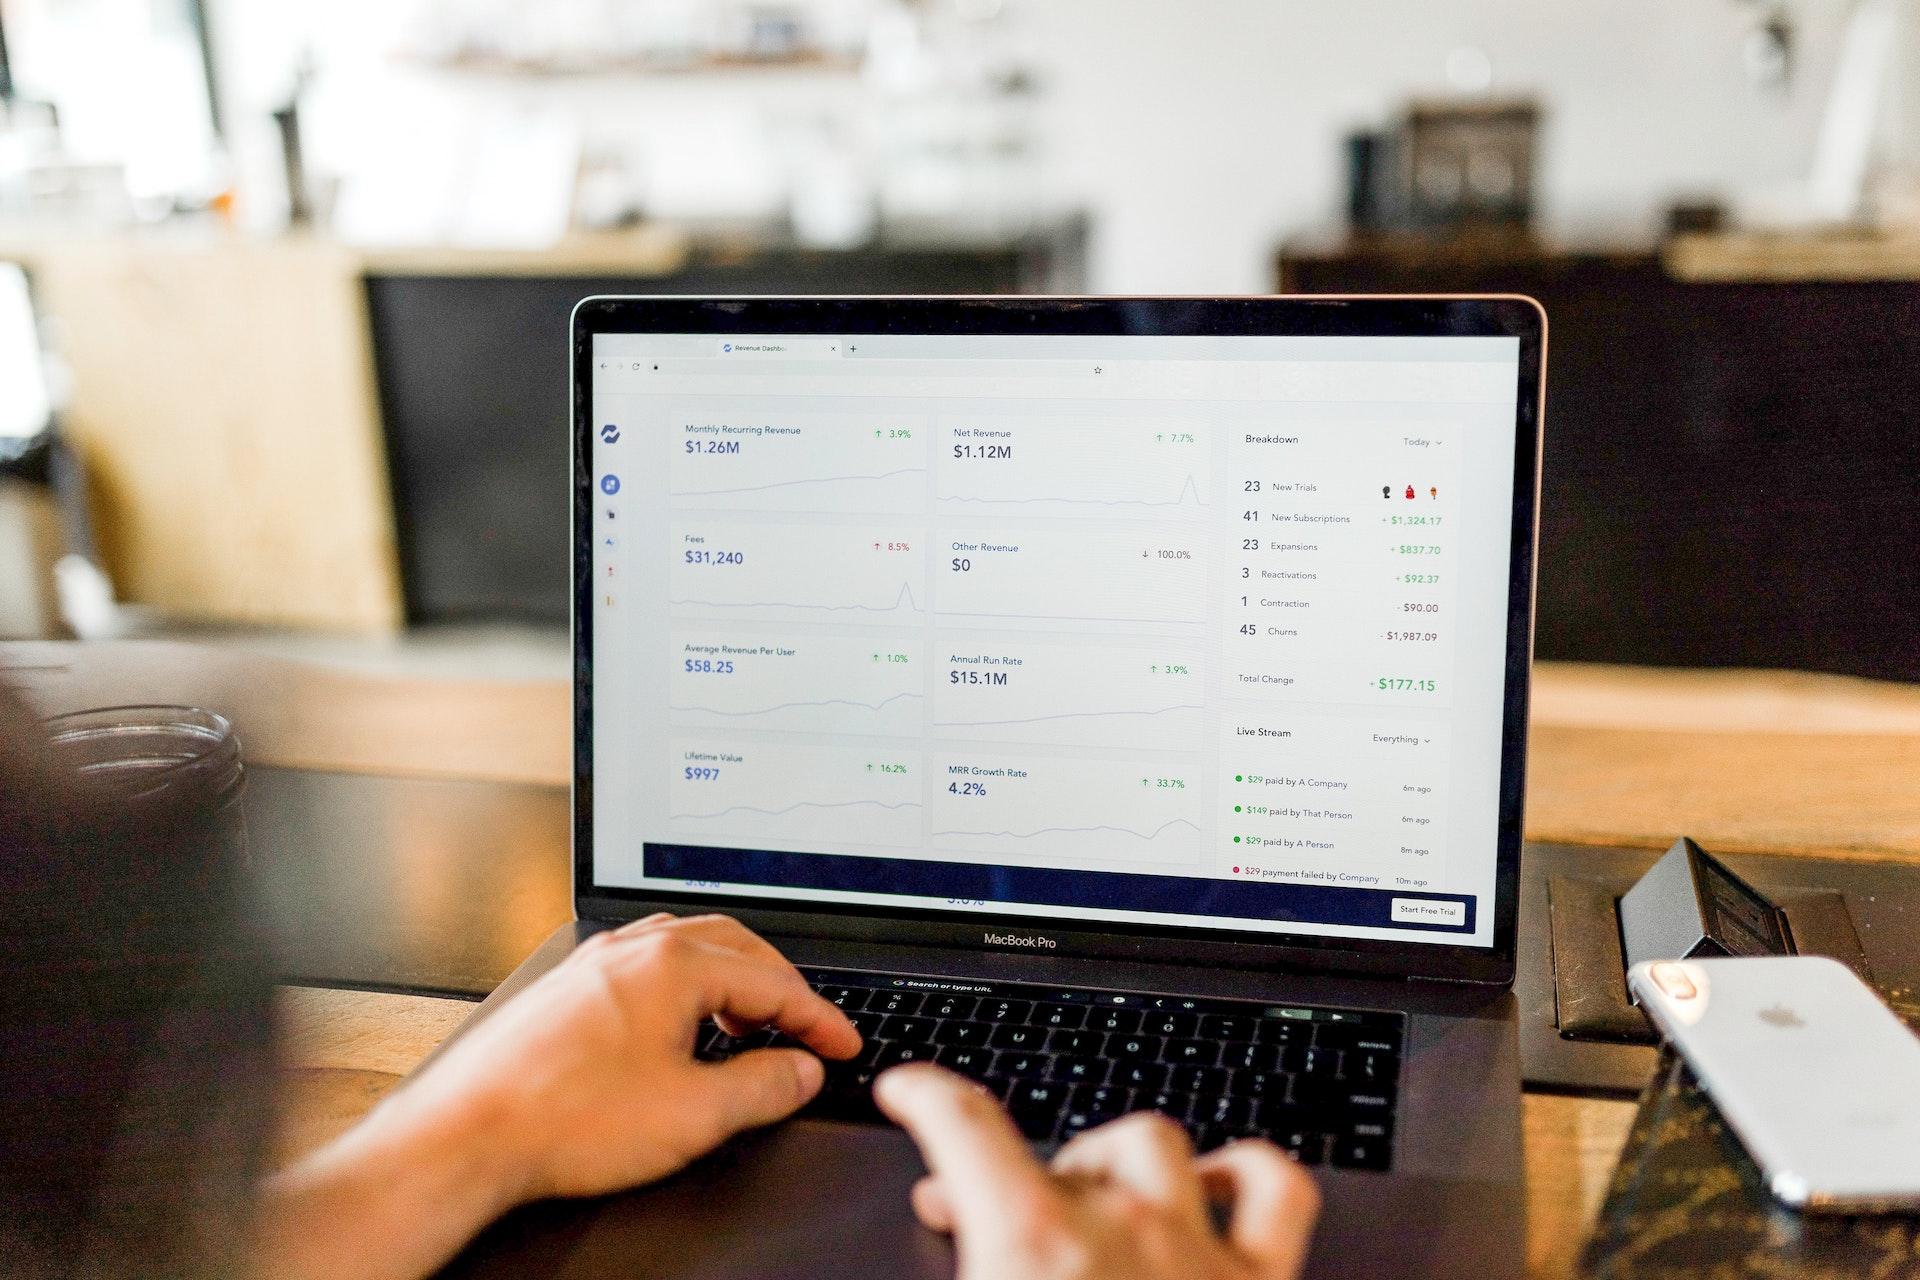 Jak rozwój e-commerce wpływa na usługi B2B?